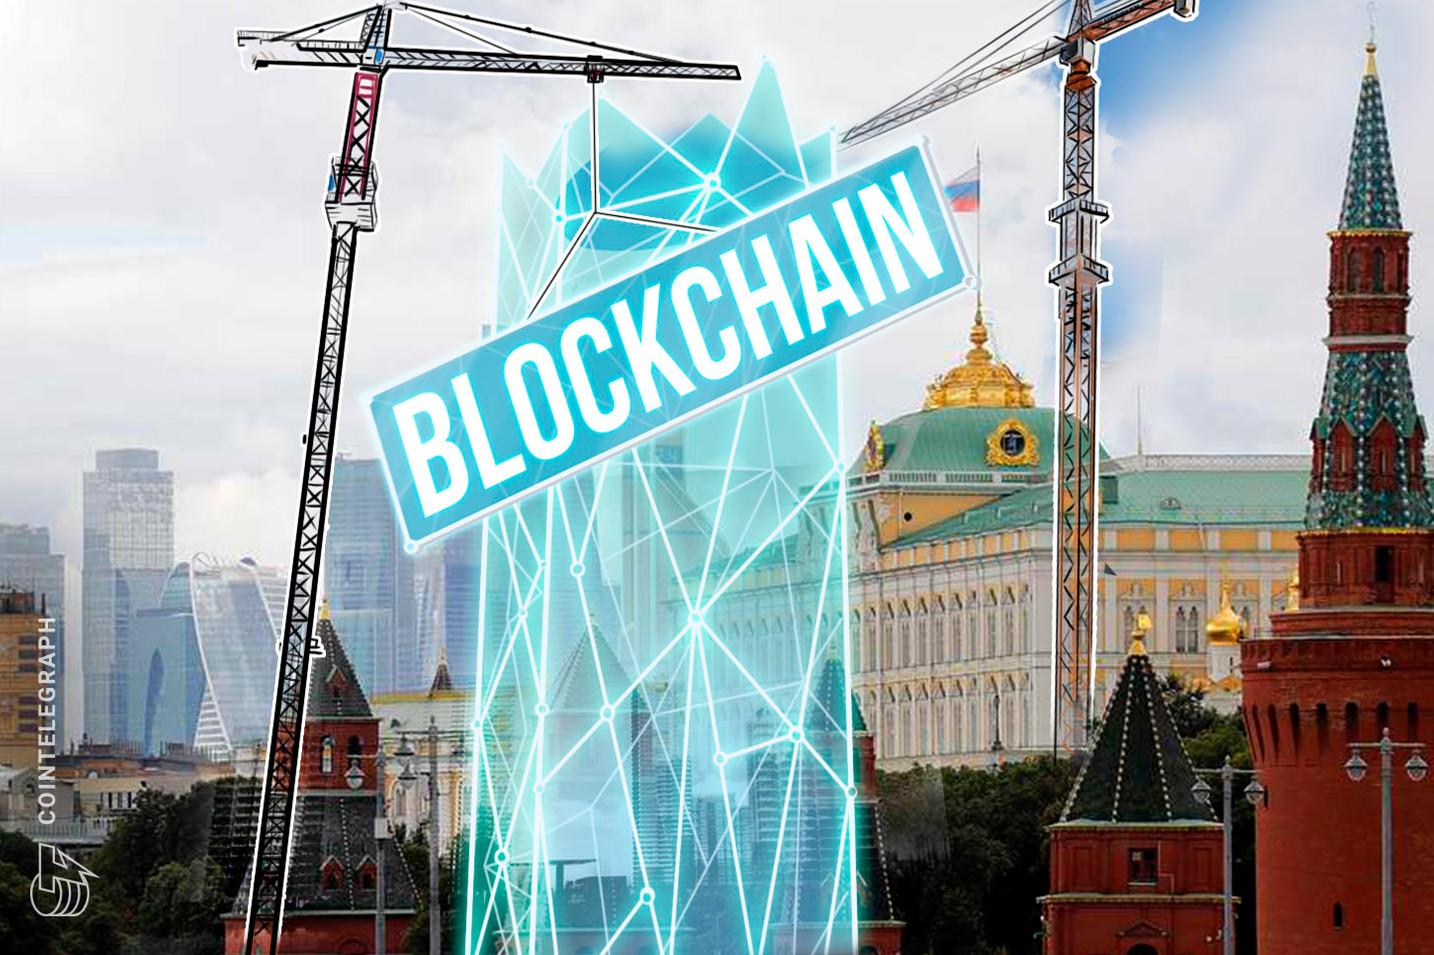 Moscou e três regiões russas vão testar cripto e tecnologia DLT legalmente, segundo mídia local